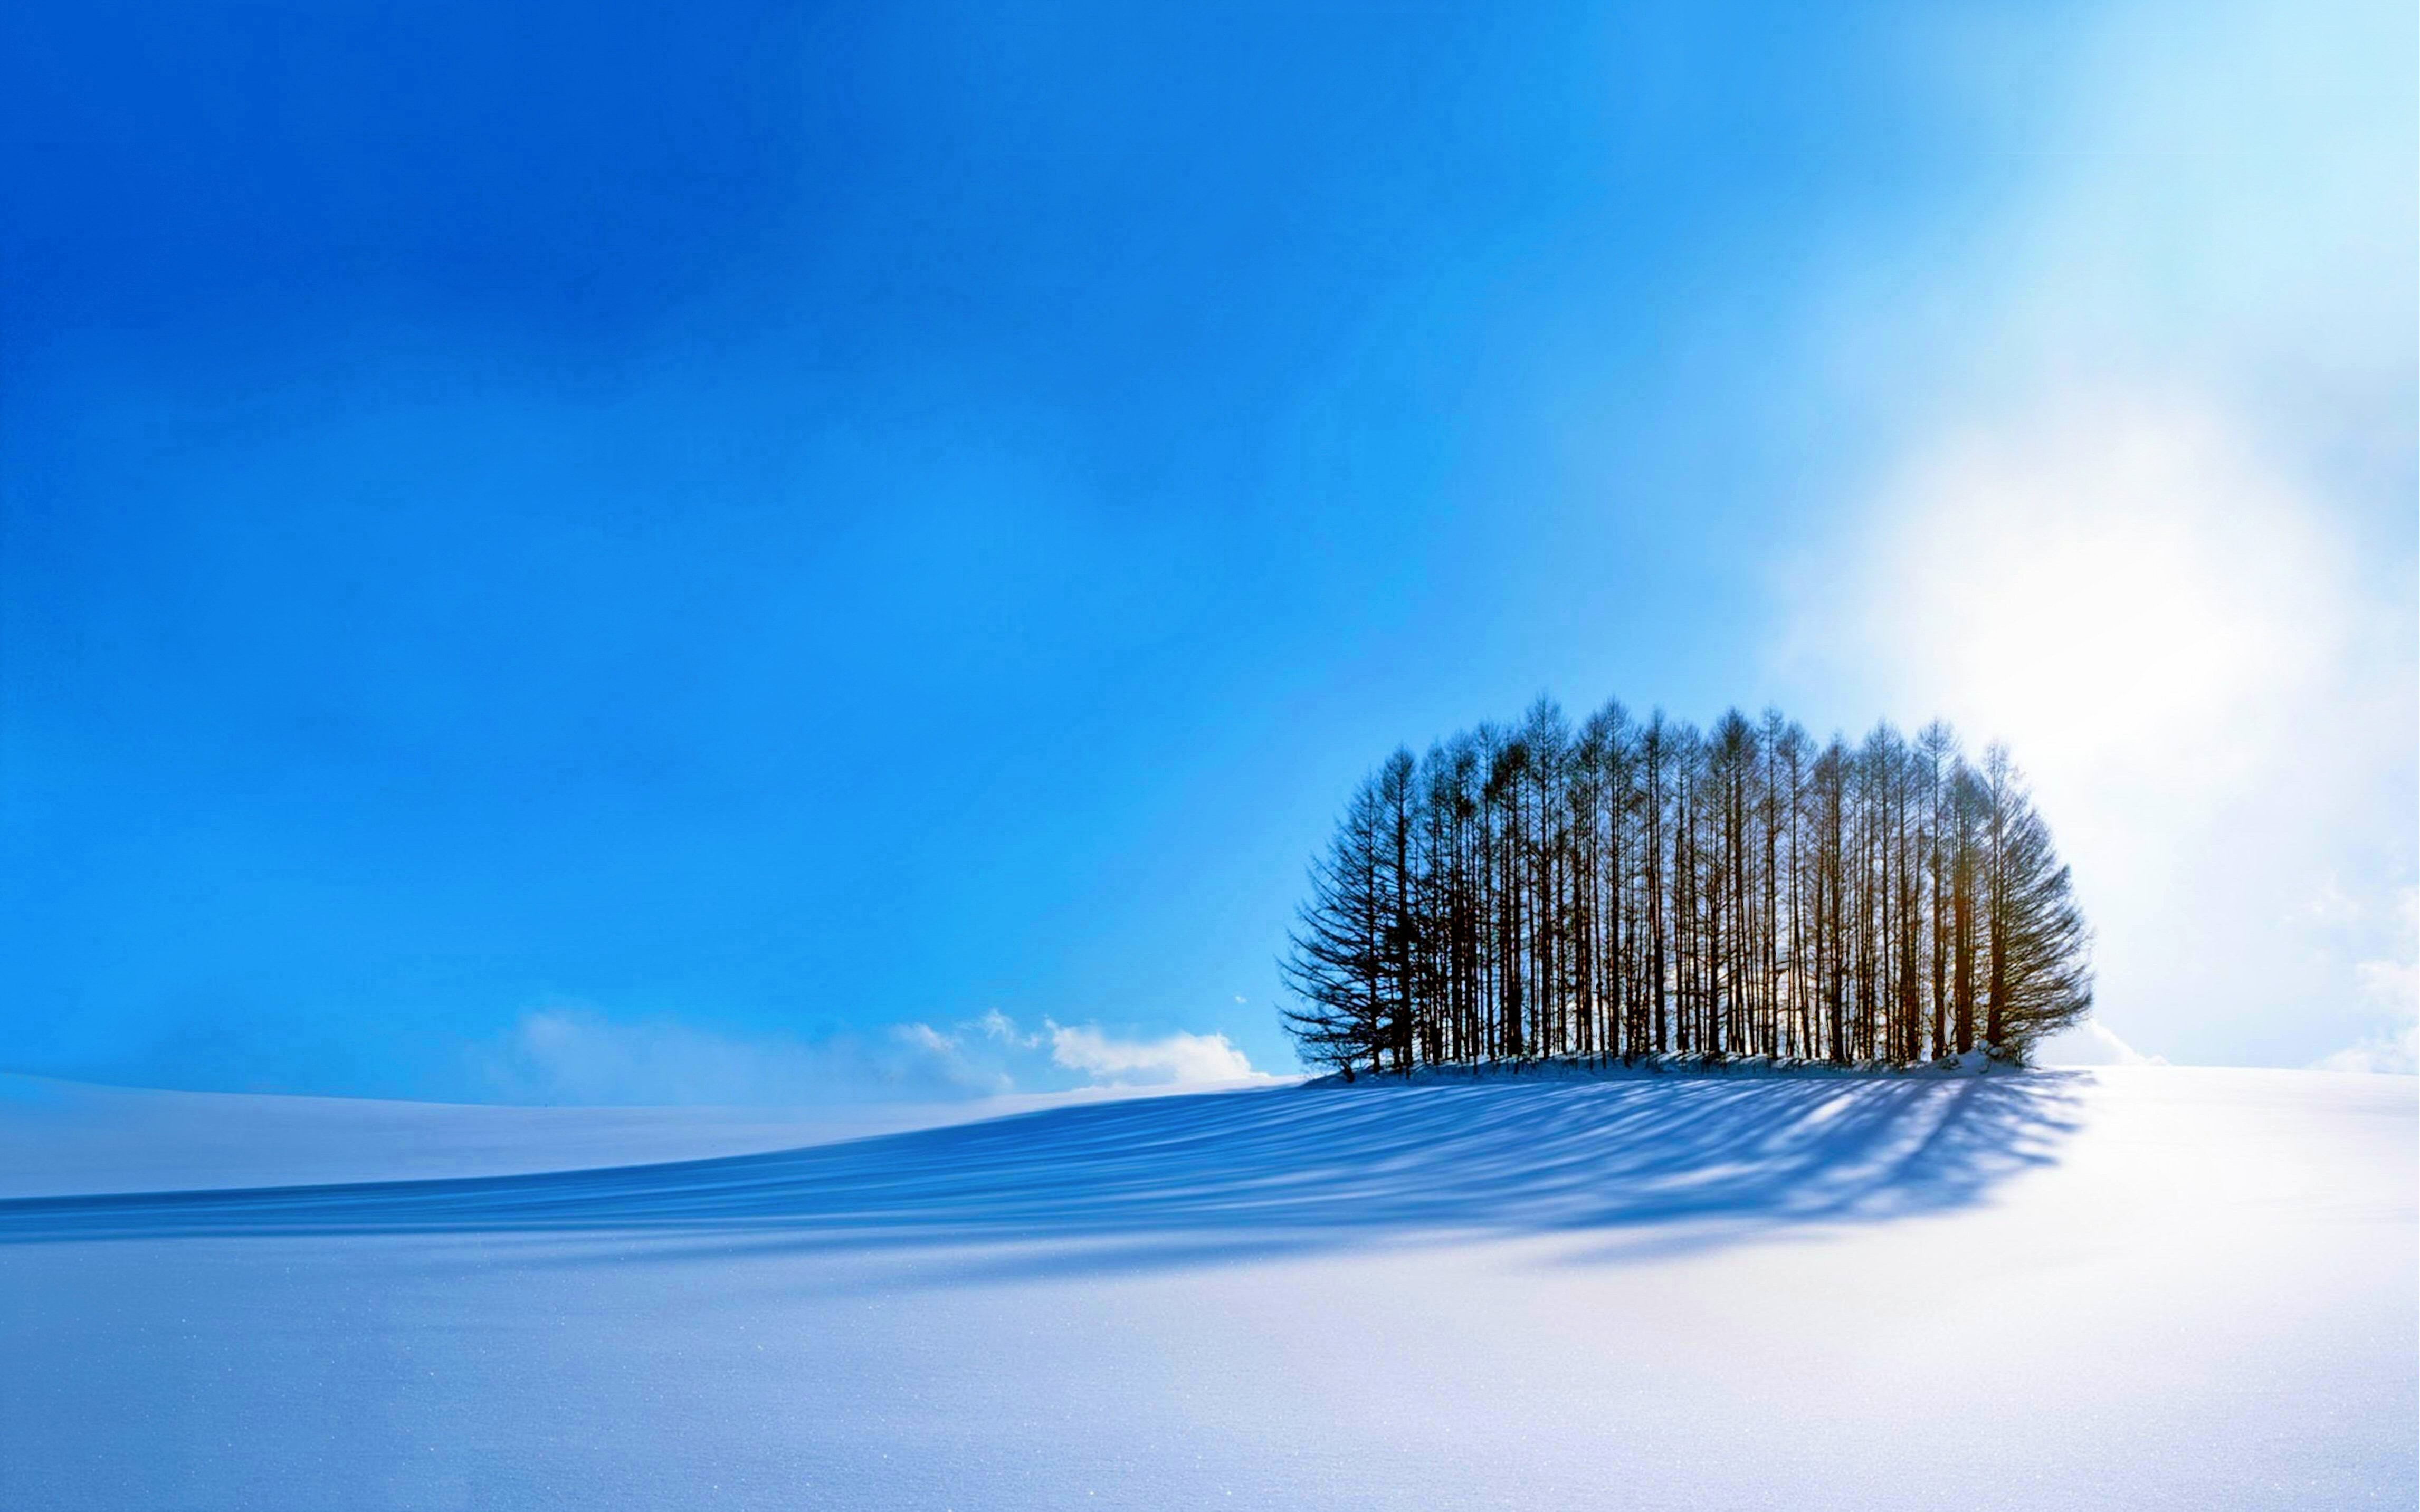 Скачать Обои На Стол Зима